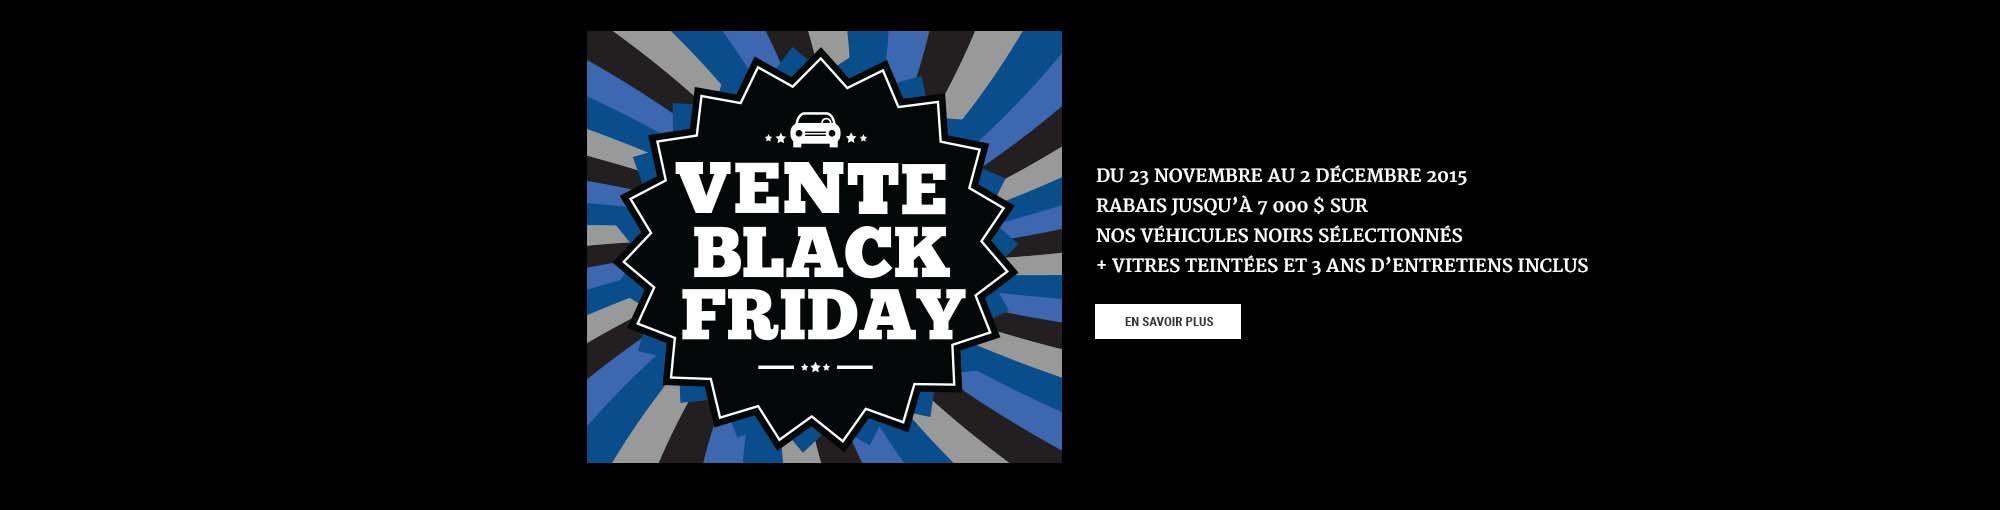 Black Friday - header